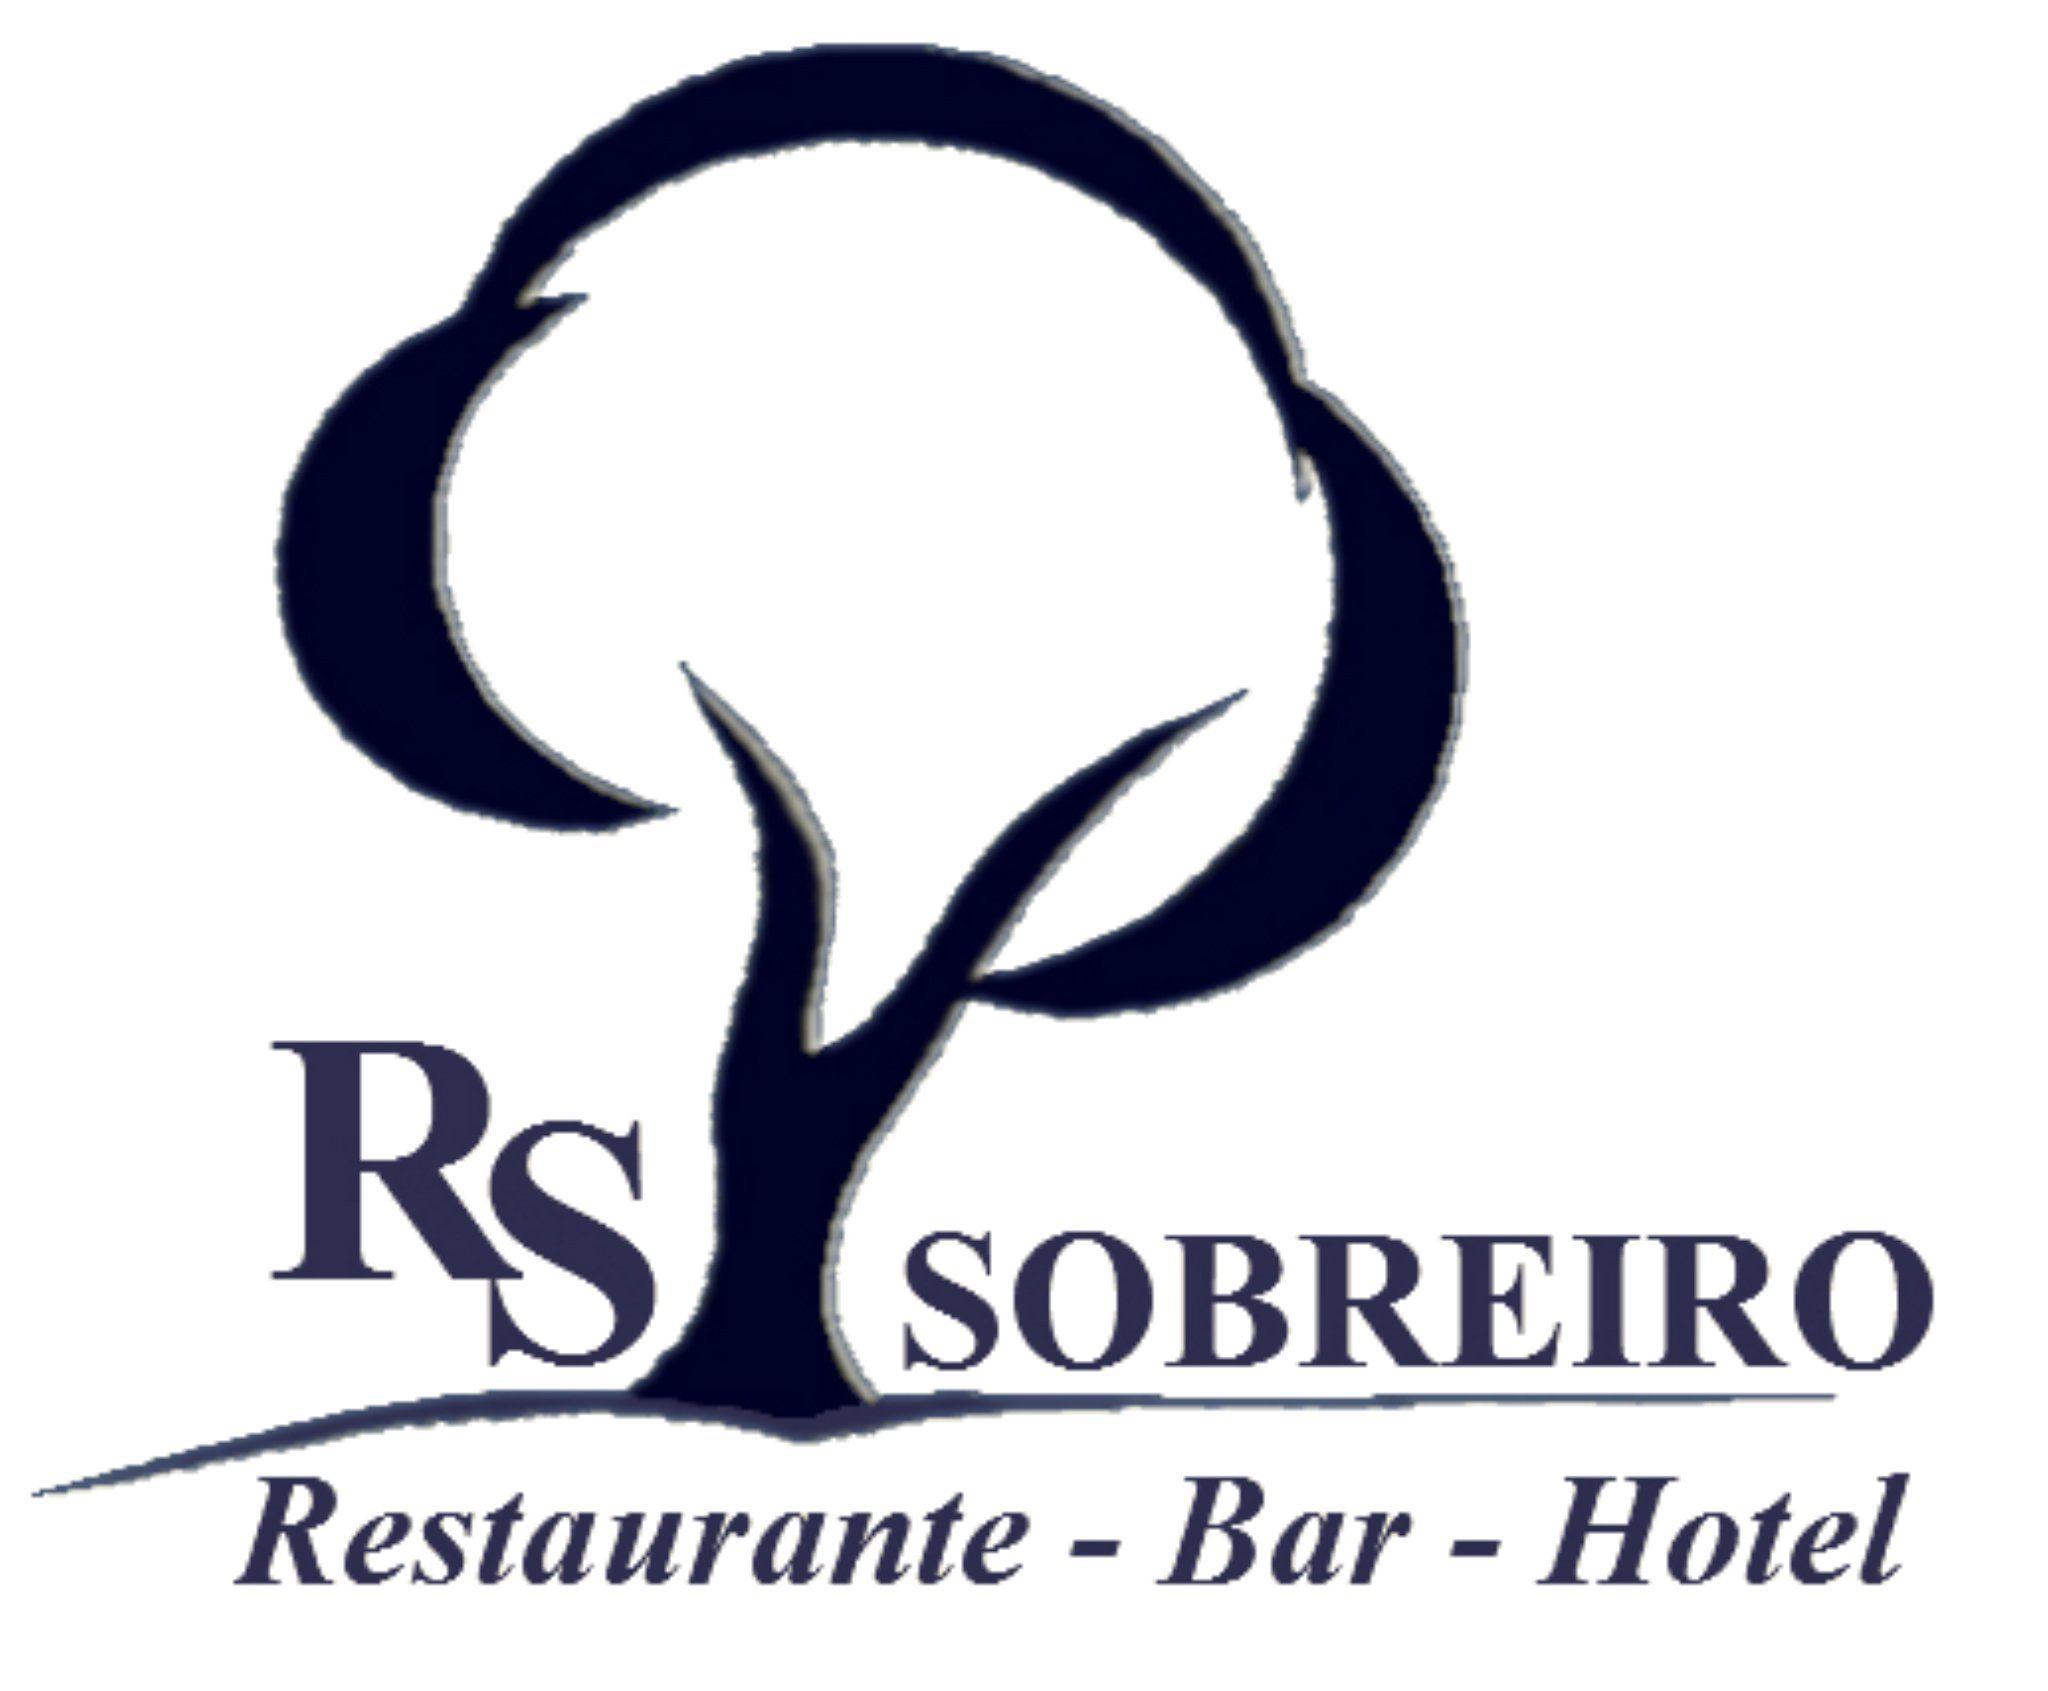 RS Sobreiro